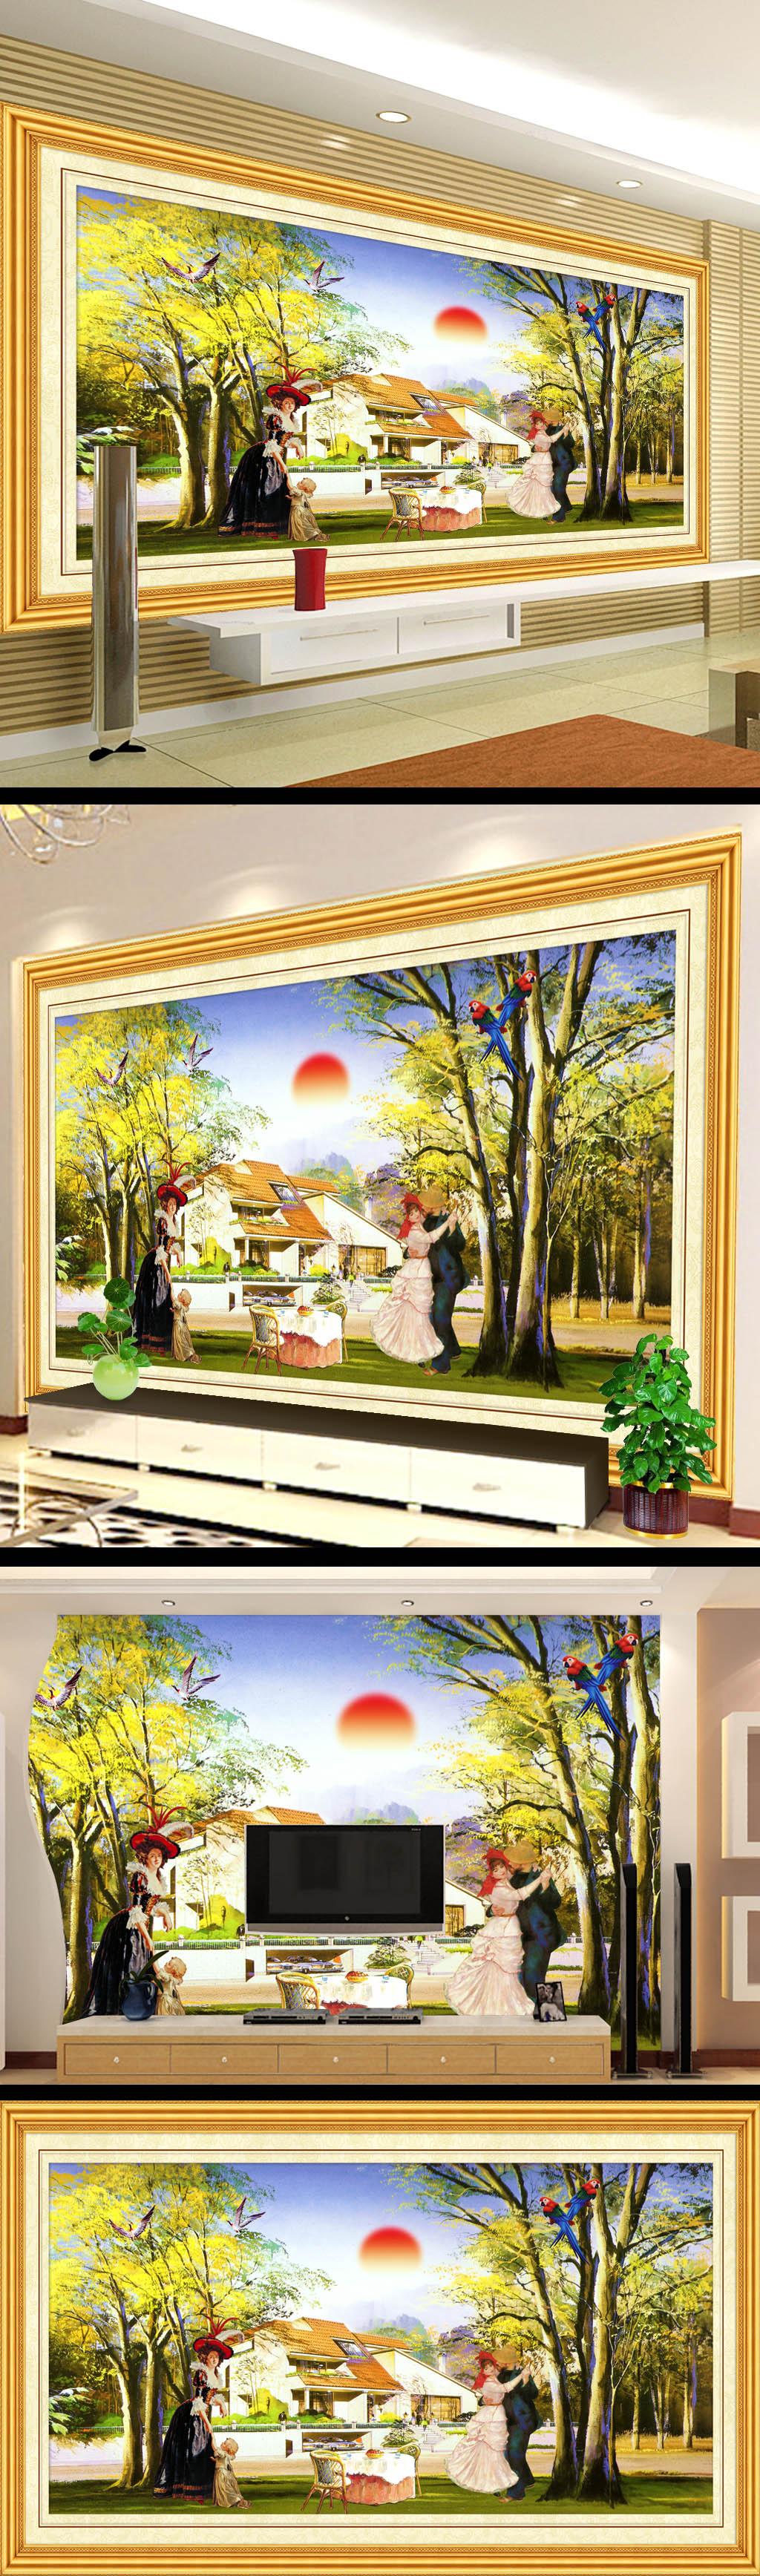 别墅风景画电视背景墙设计图片下载 山水画电视墙设计 风景油画电视